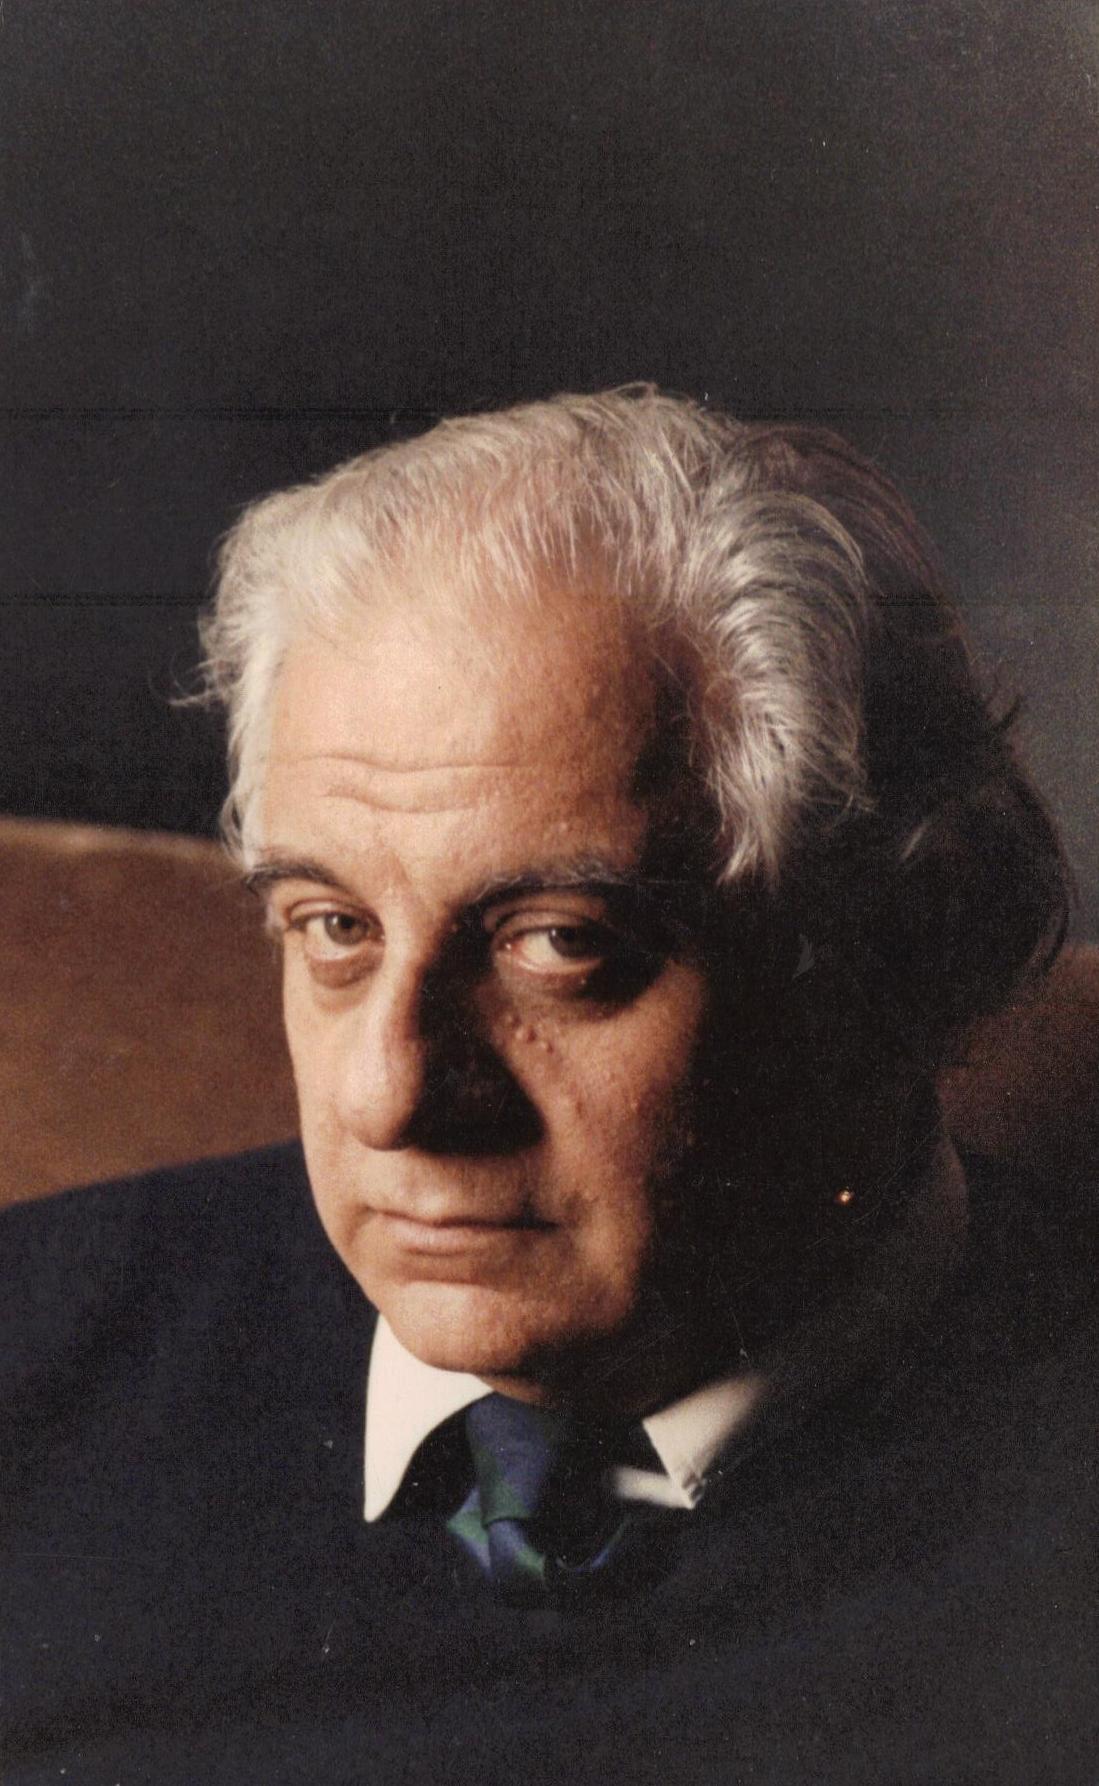 Daniele Roncoroni Pensa